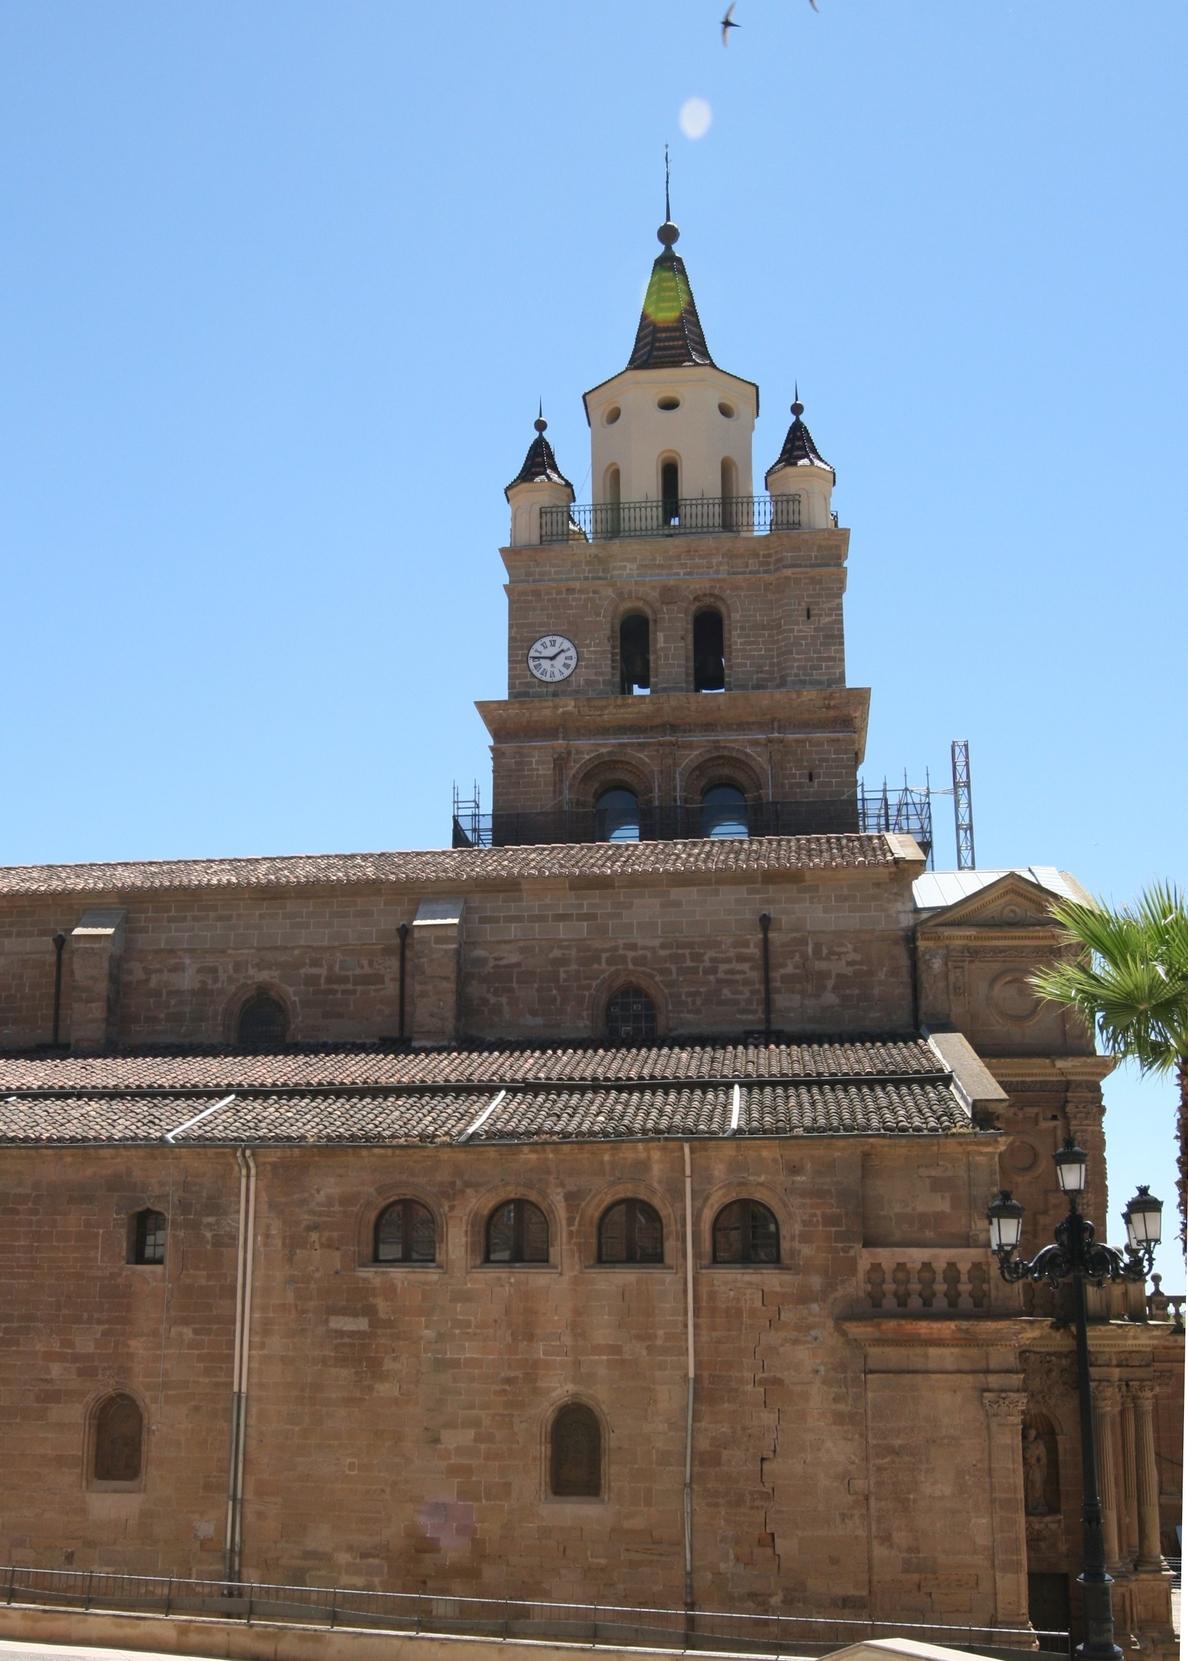 El Ministerio de Cultura invierte 344.000 euros en restaurar la Catedral de Calahorra